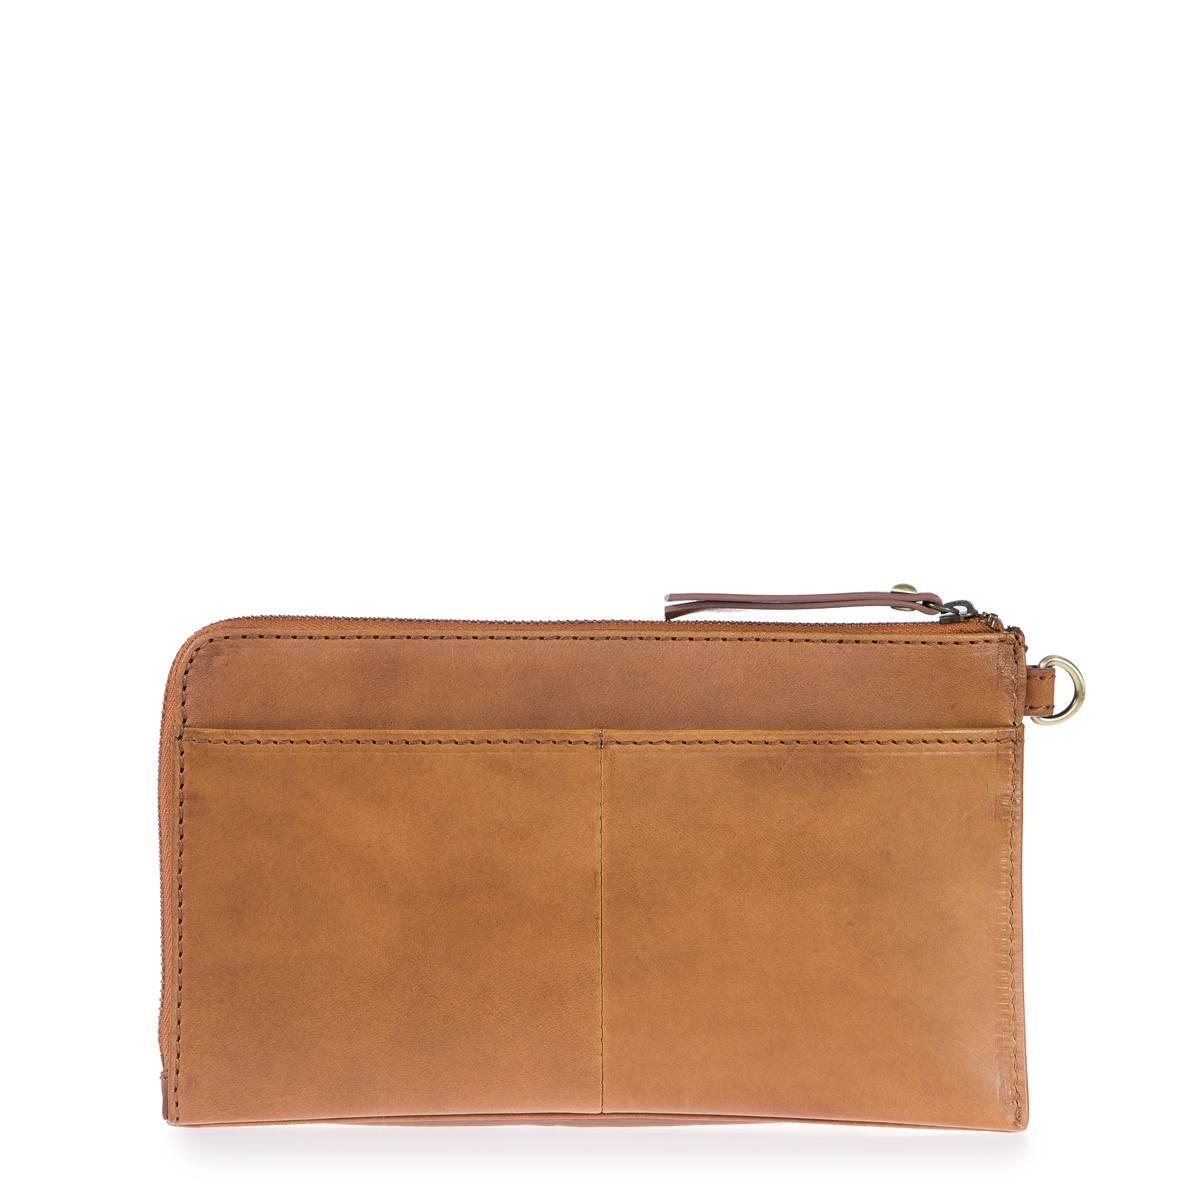 reisebrieftasche online kaufen